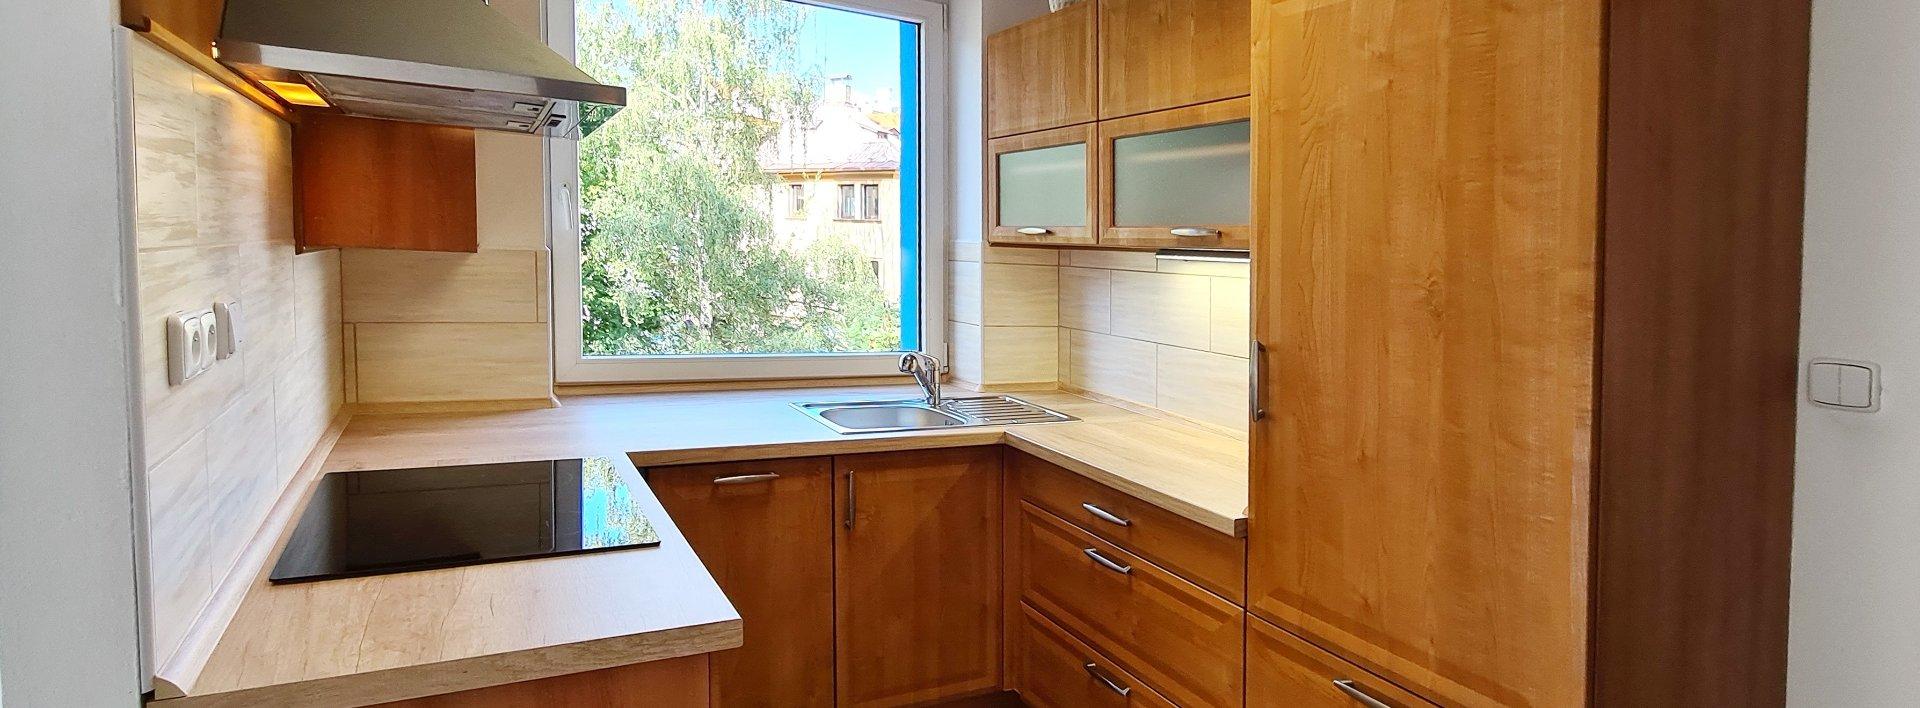 Pronájem pěkného bytu 3+kk+ lodžie v centru Liberce, Ev.č.: N49183